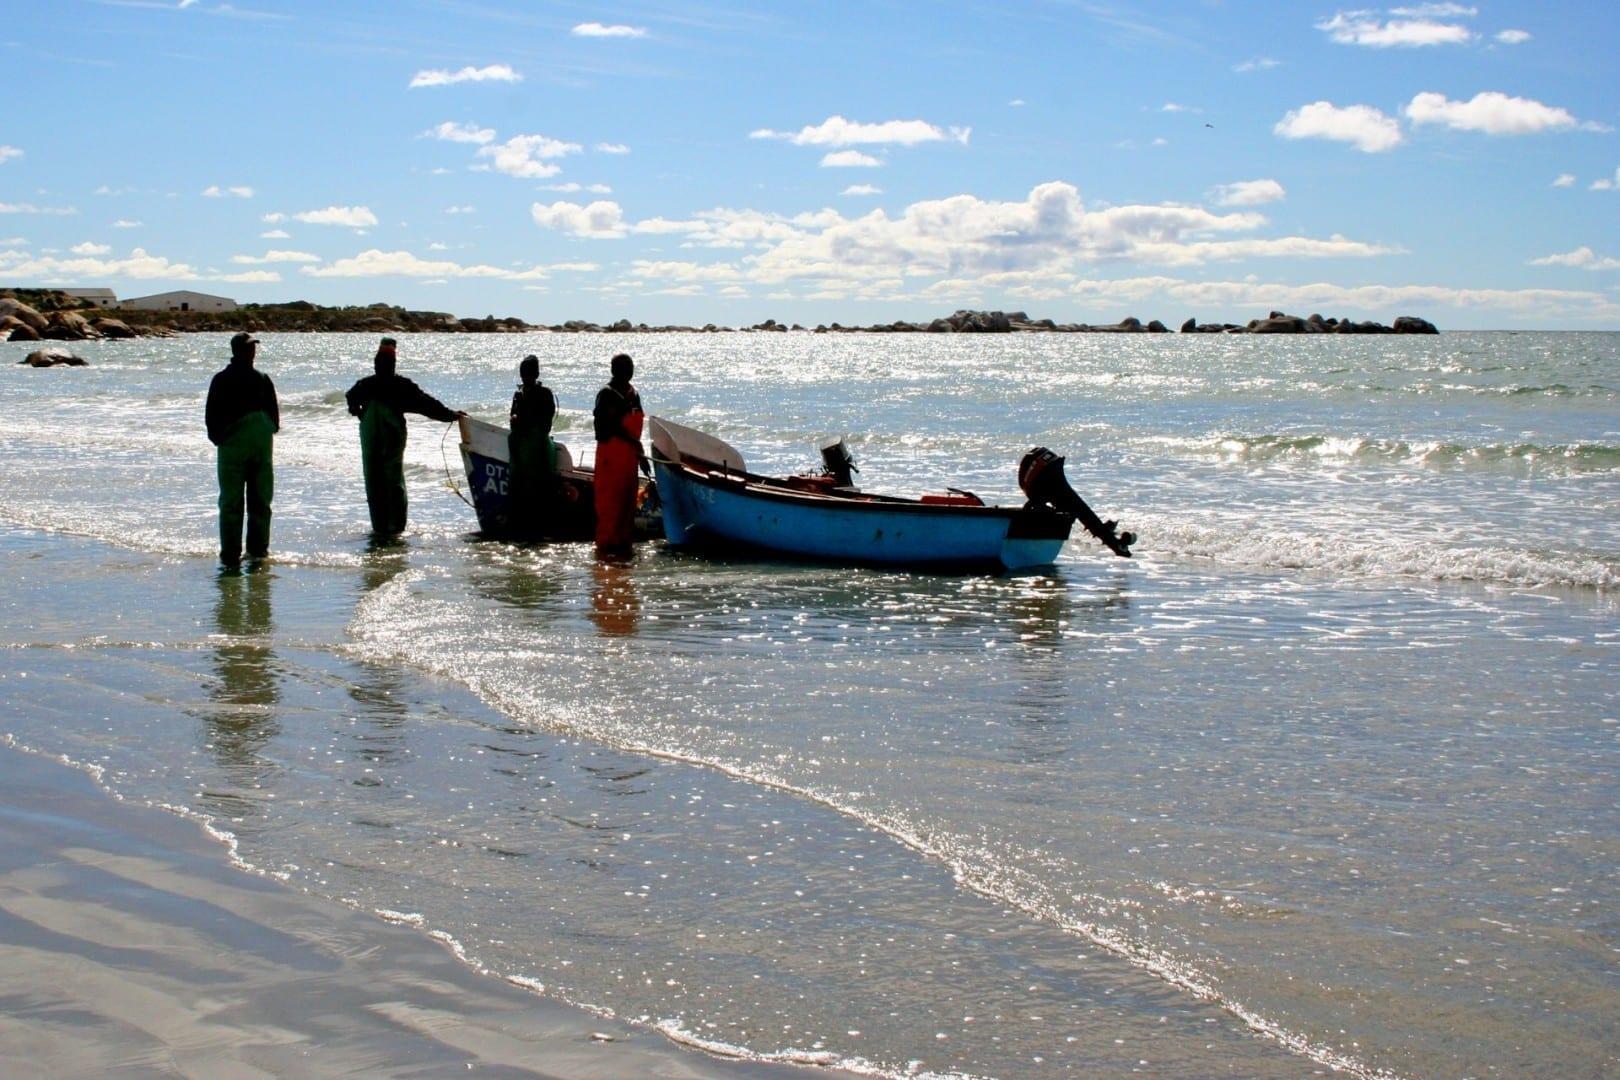 Pescadores vendiendo su pesca del día en la playa. Paternoster República de Sudáfrica